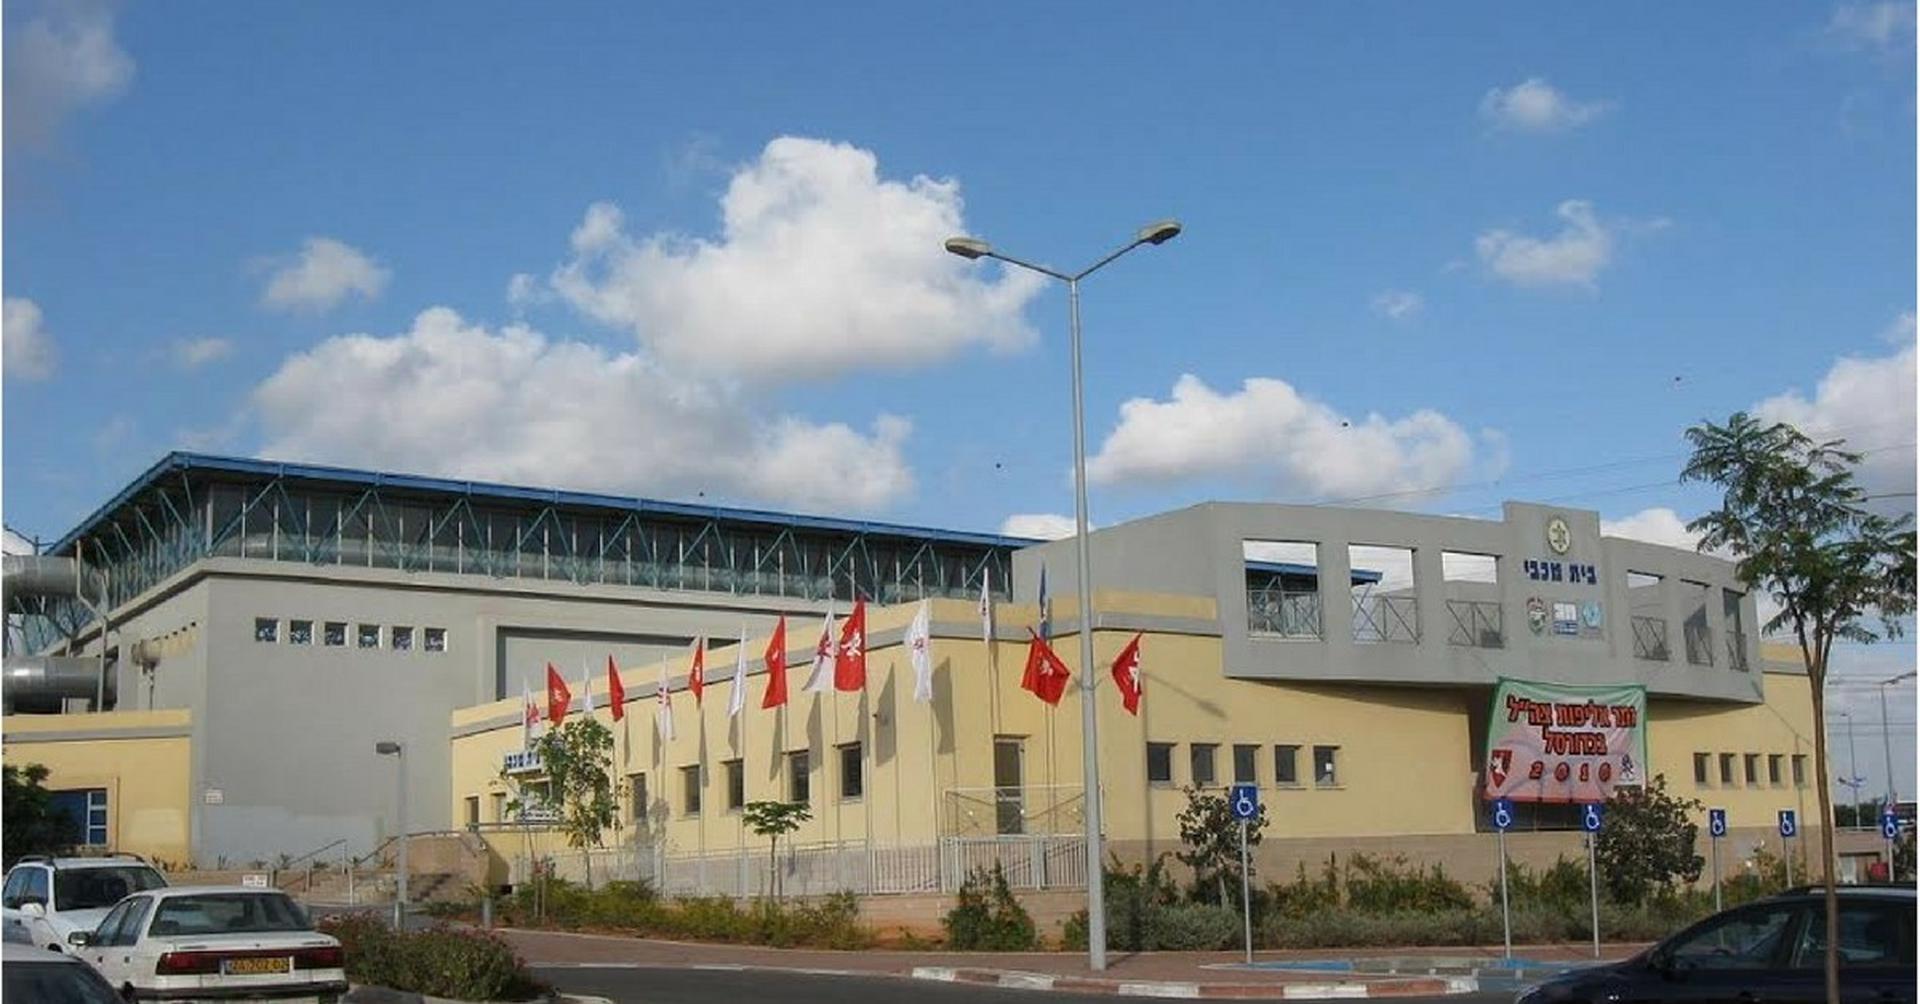 בית מכבי | צילום מתוך האתר הרשמי של המועדון